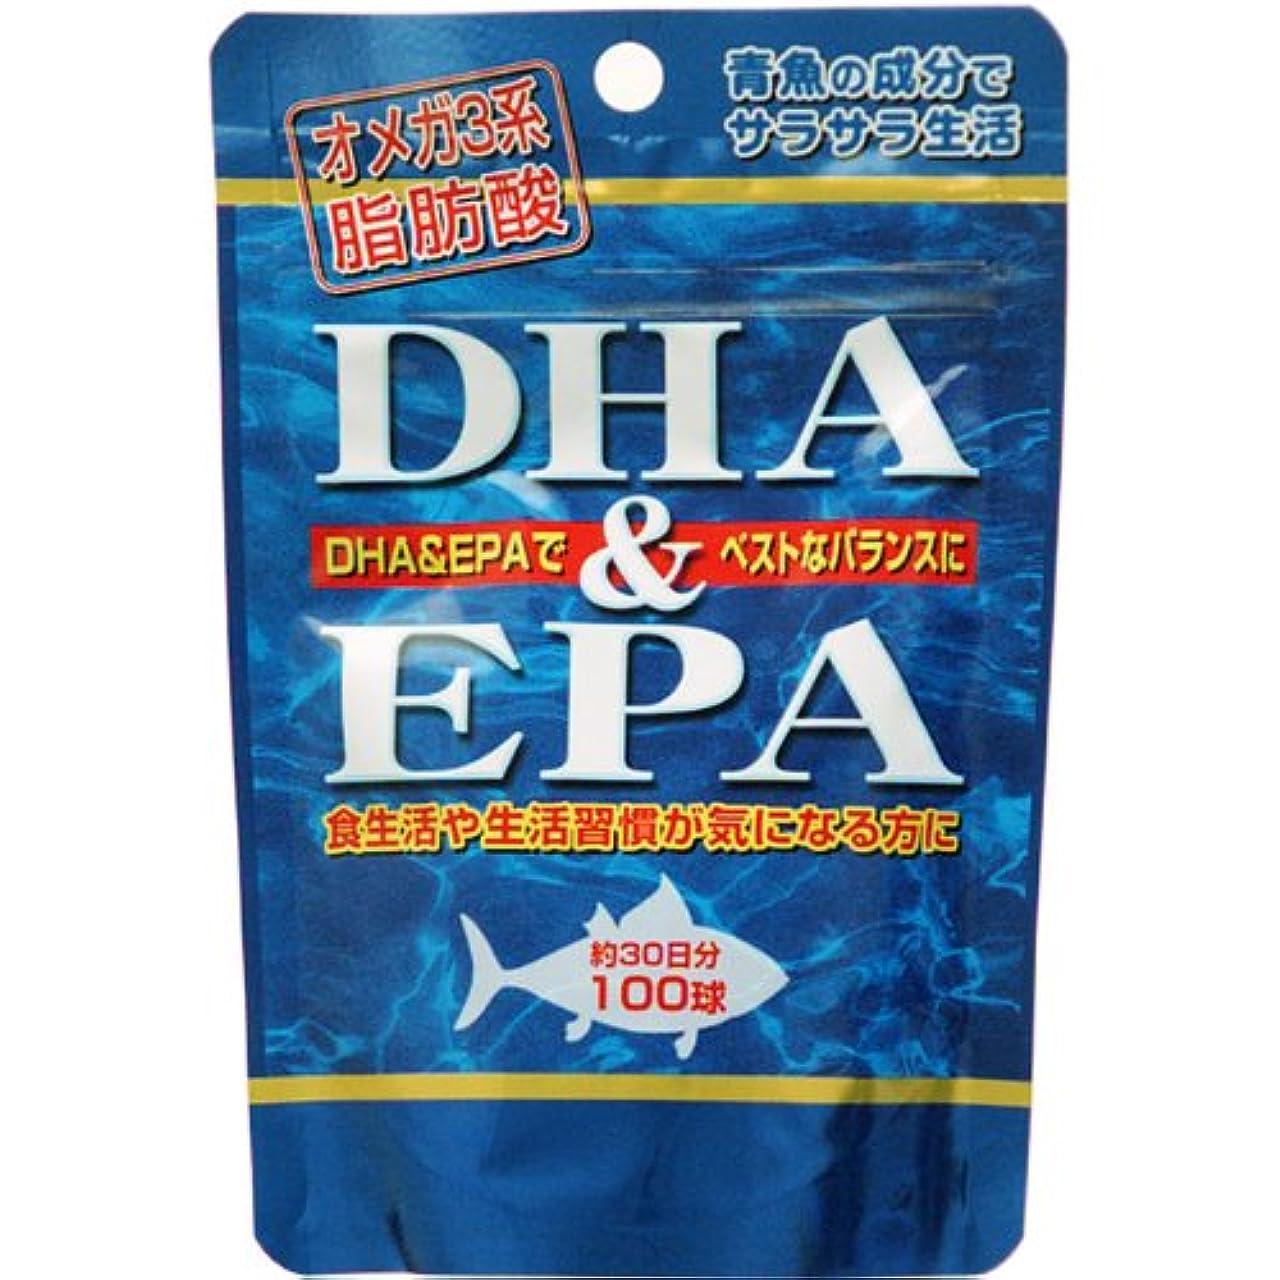 証人情緒的手入れDHA(ドコサヘキサエン酸)&EPA(エイコサペンタエン酸)